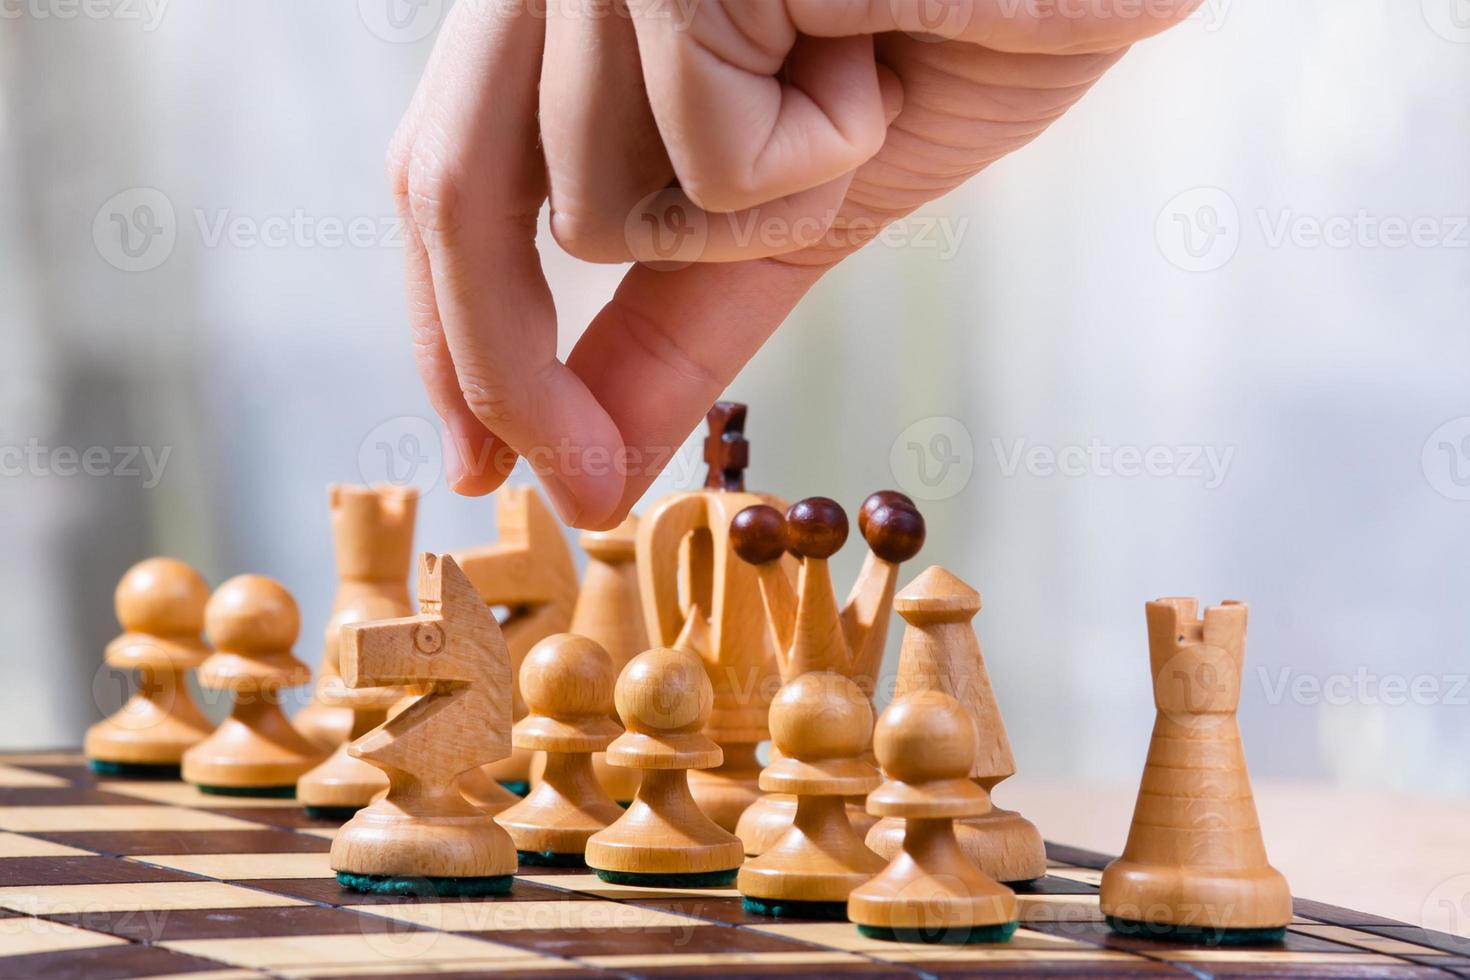 juego de ajedrez foto